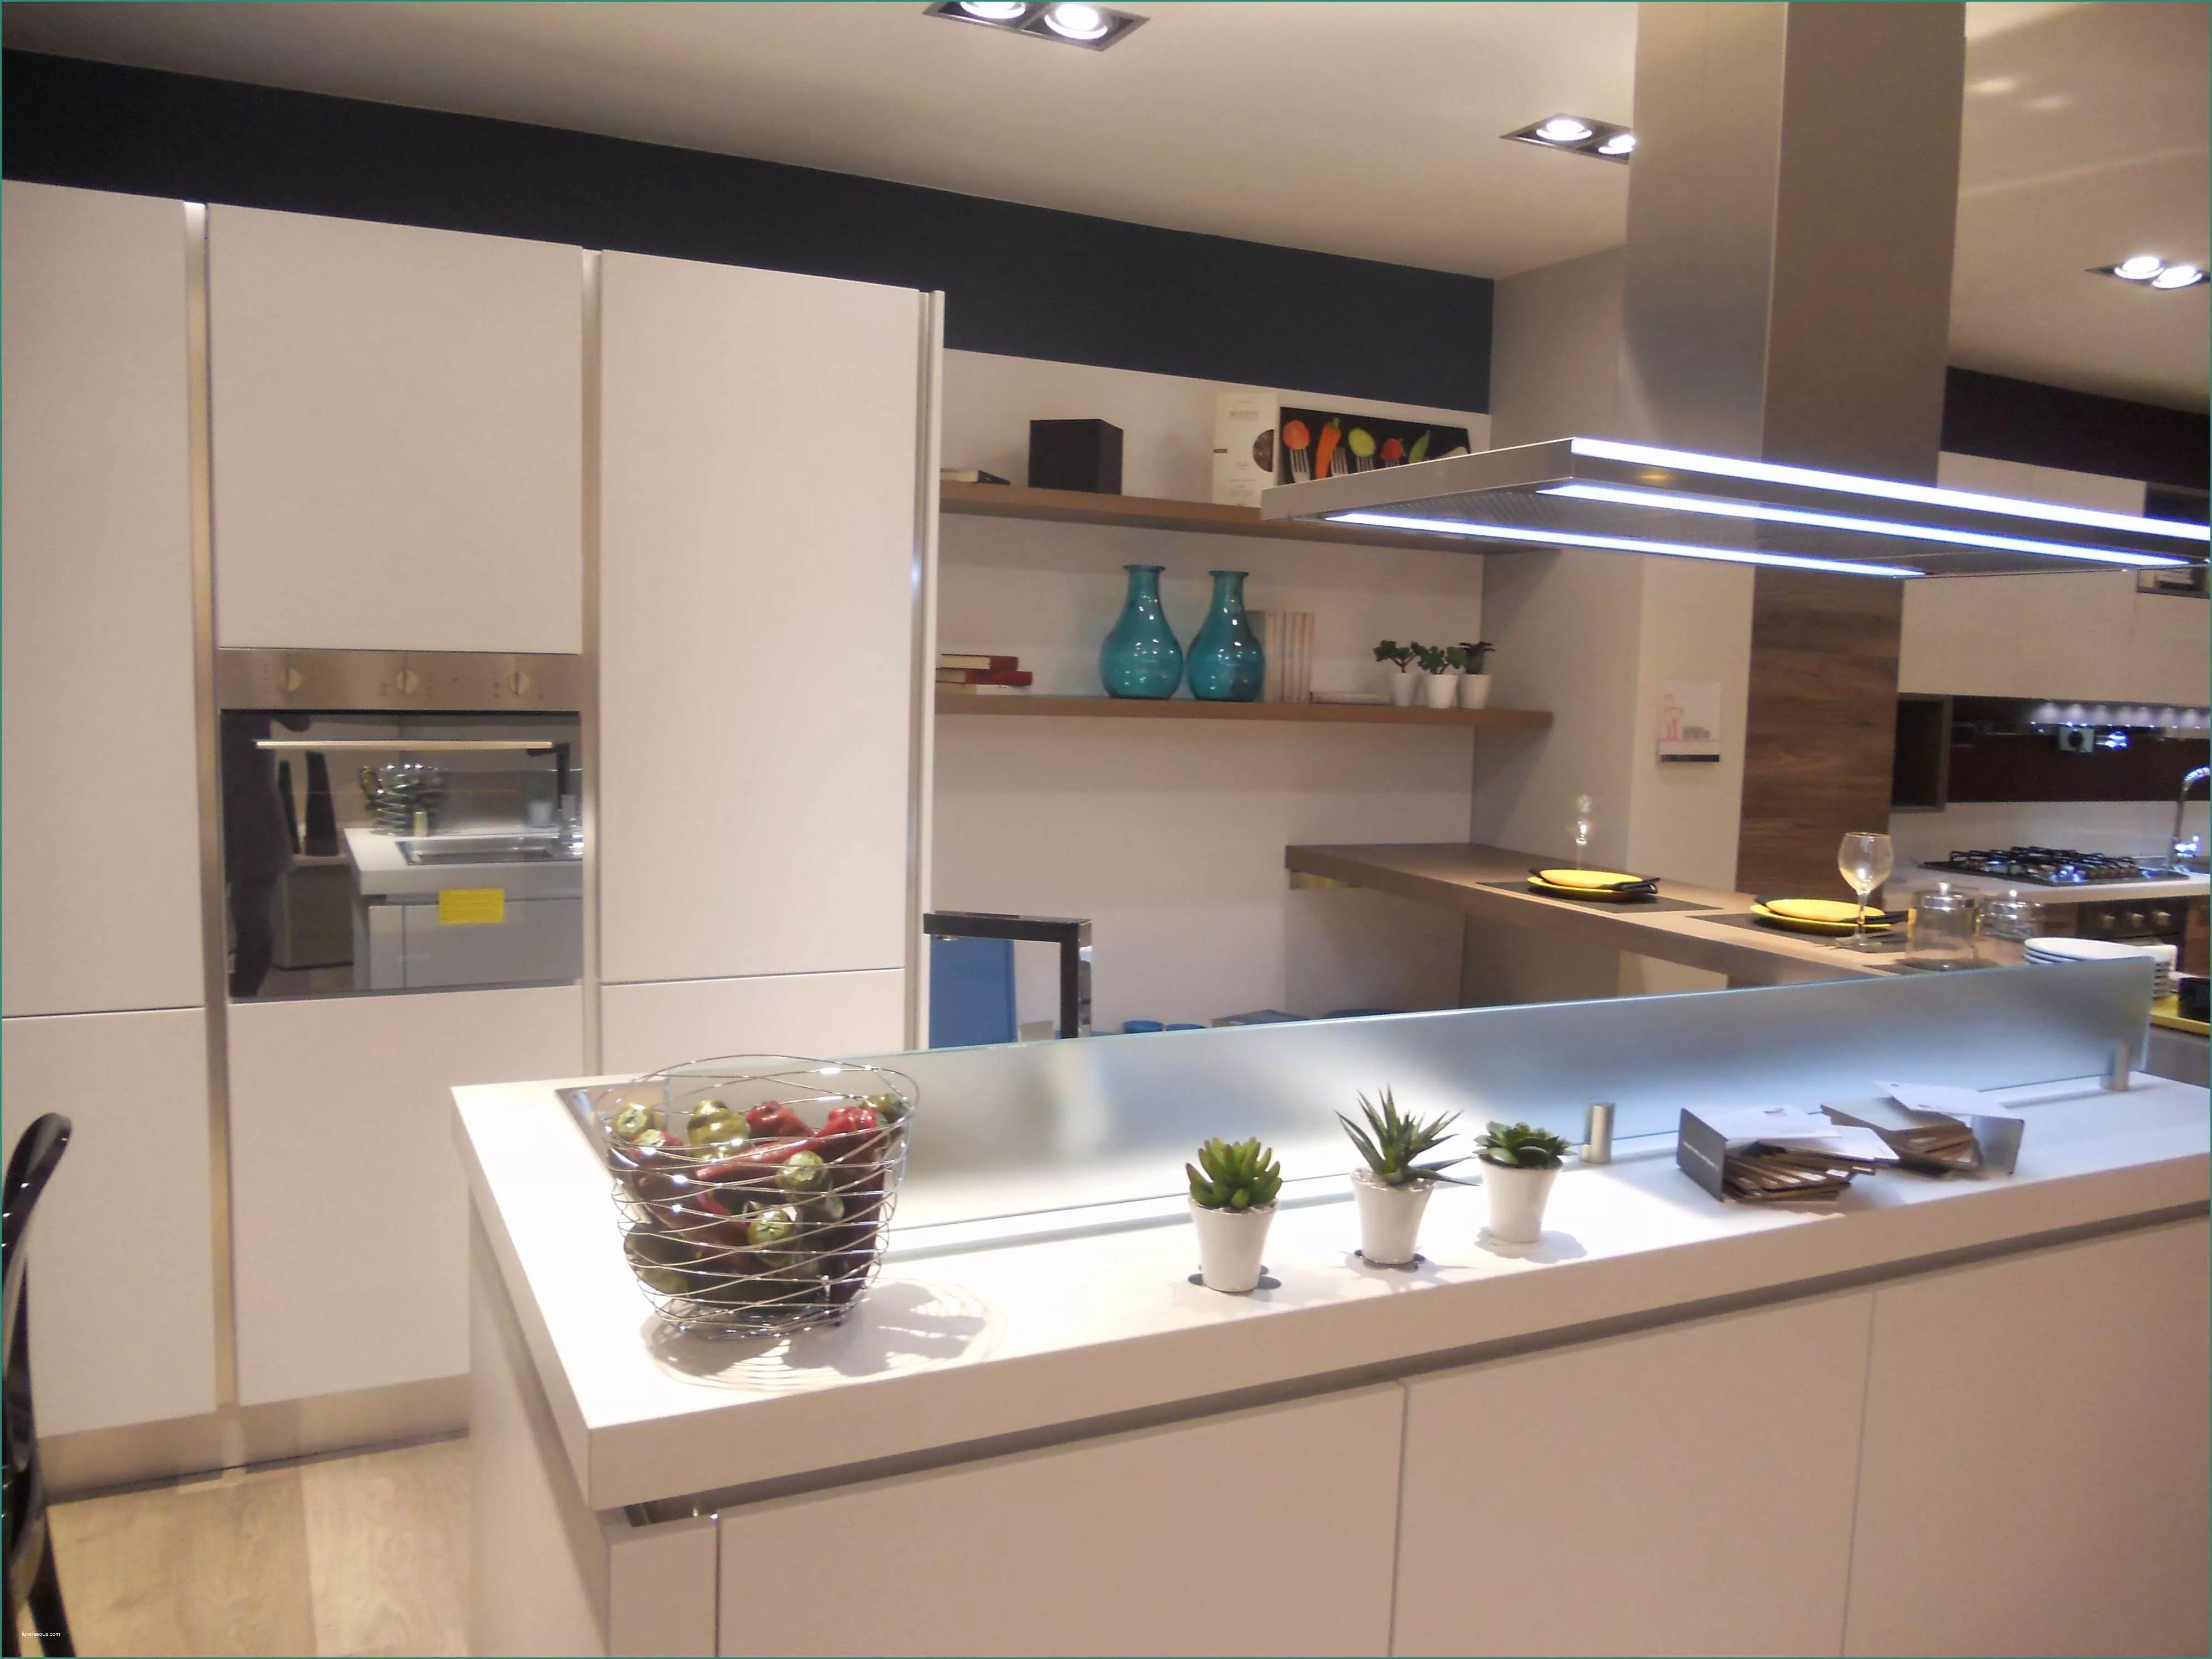 Cucine Lube Prezzi forum E Creare Una Cucina A Ottimi